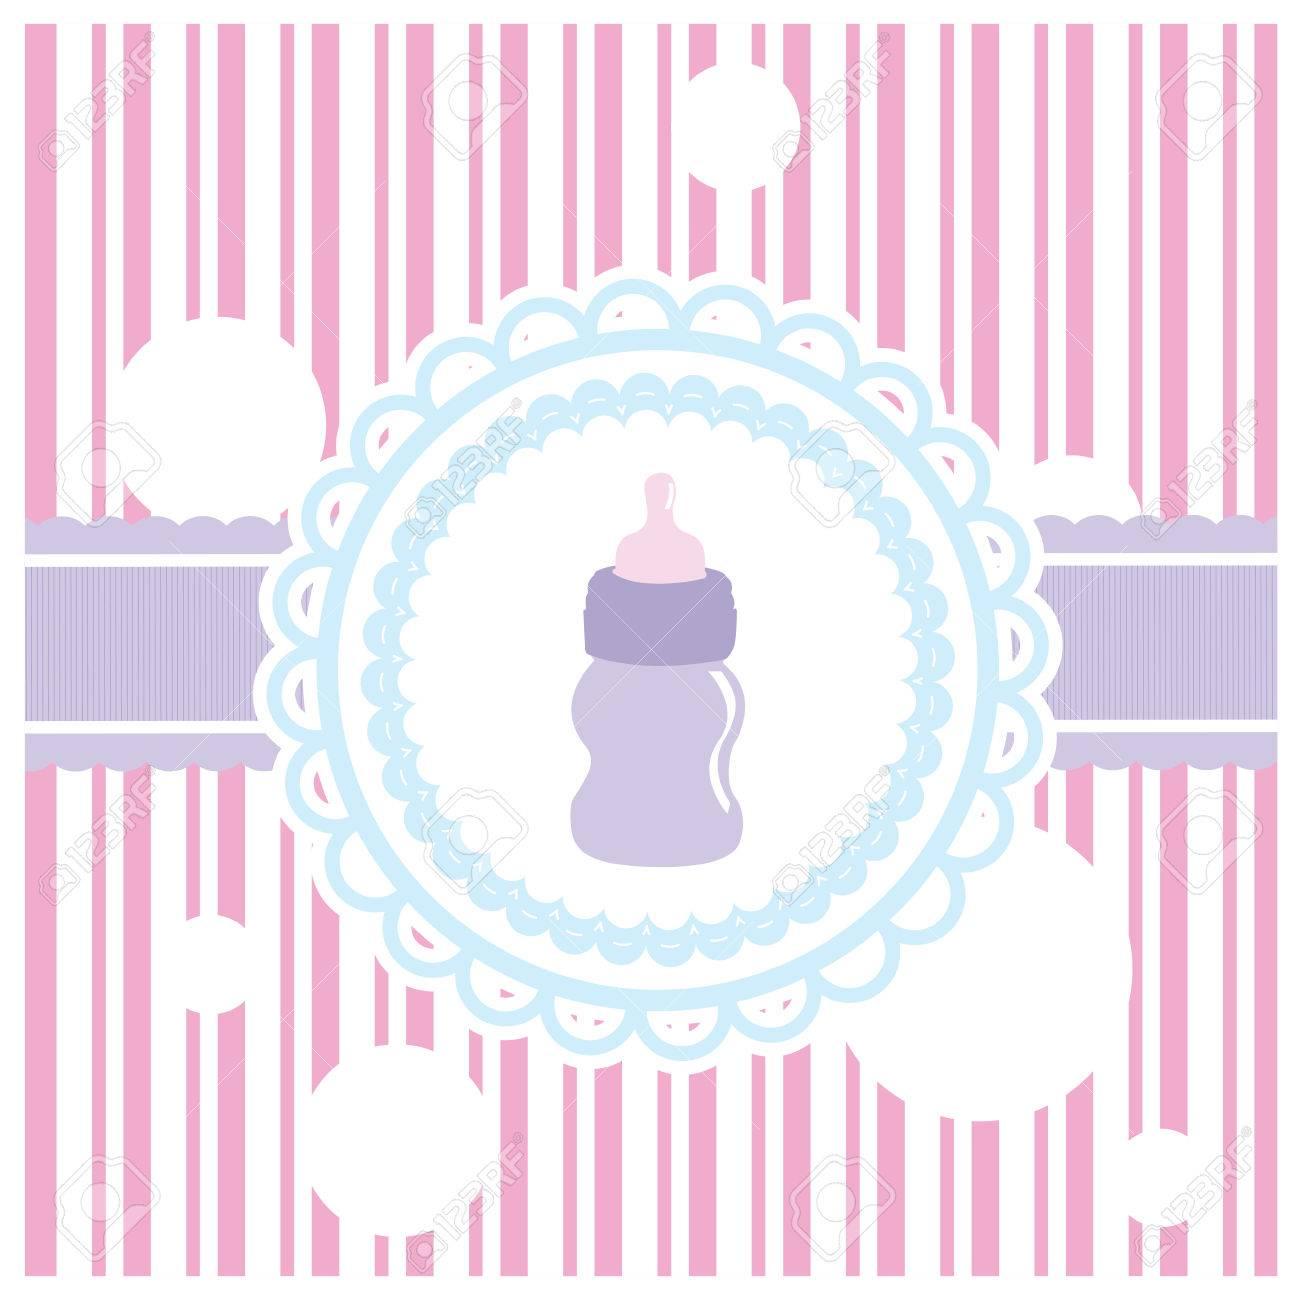 Etiqueta De Color Con Una Botella De Bebé Sobre Un Fondo De Textura Para Las Duchas Del Bebé Ilustraciones Vectoriales Clip Art Vectorizado Libre De Derechos Image 51831254